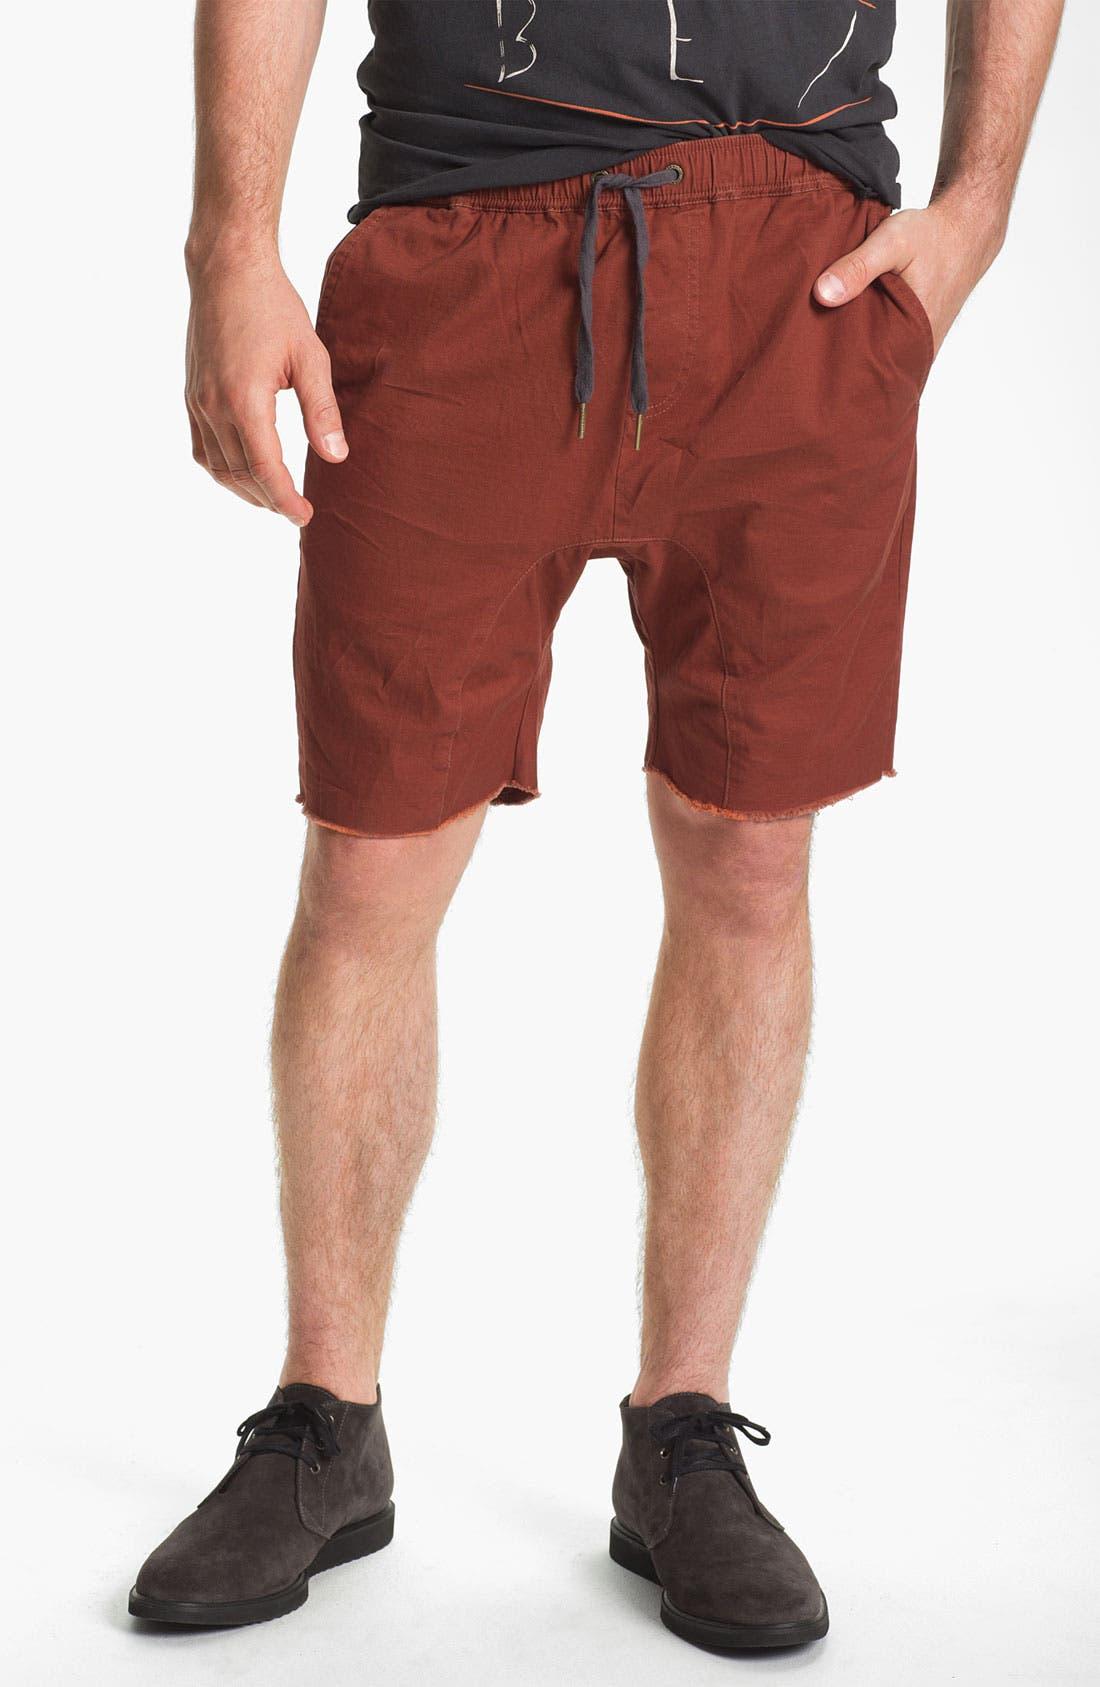 Alternate Image 1 Selected - Zanerobe 'Sureshot' Chino Shorts